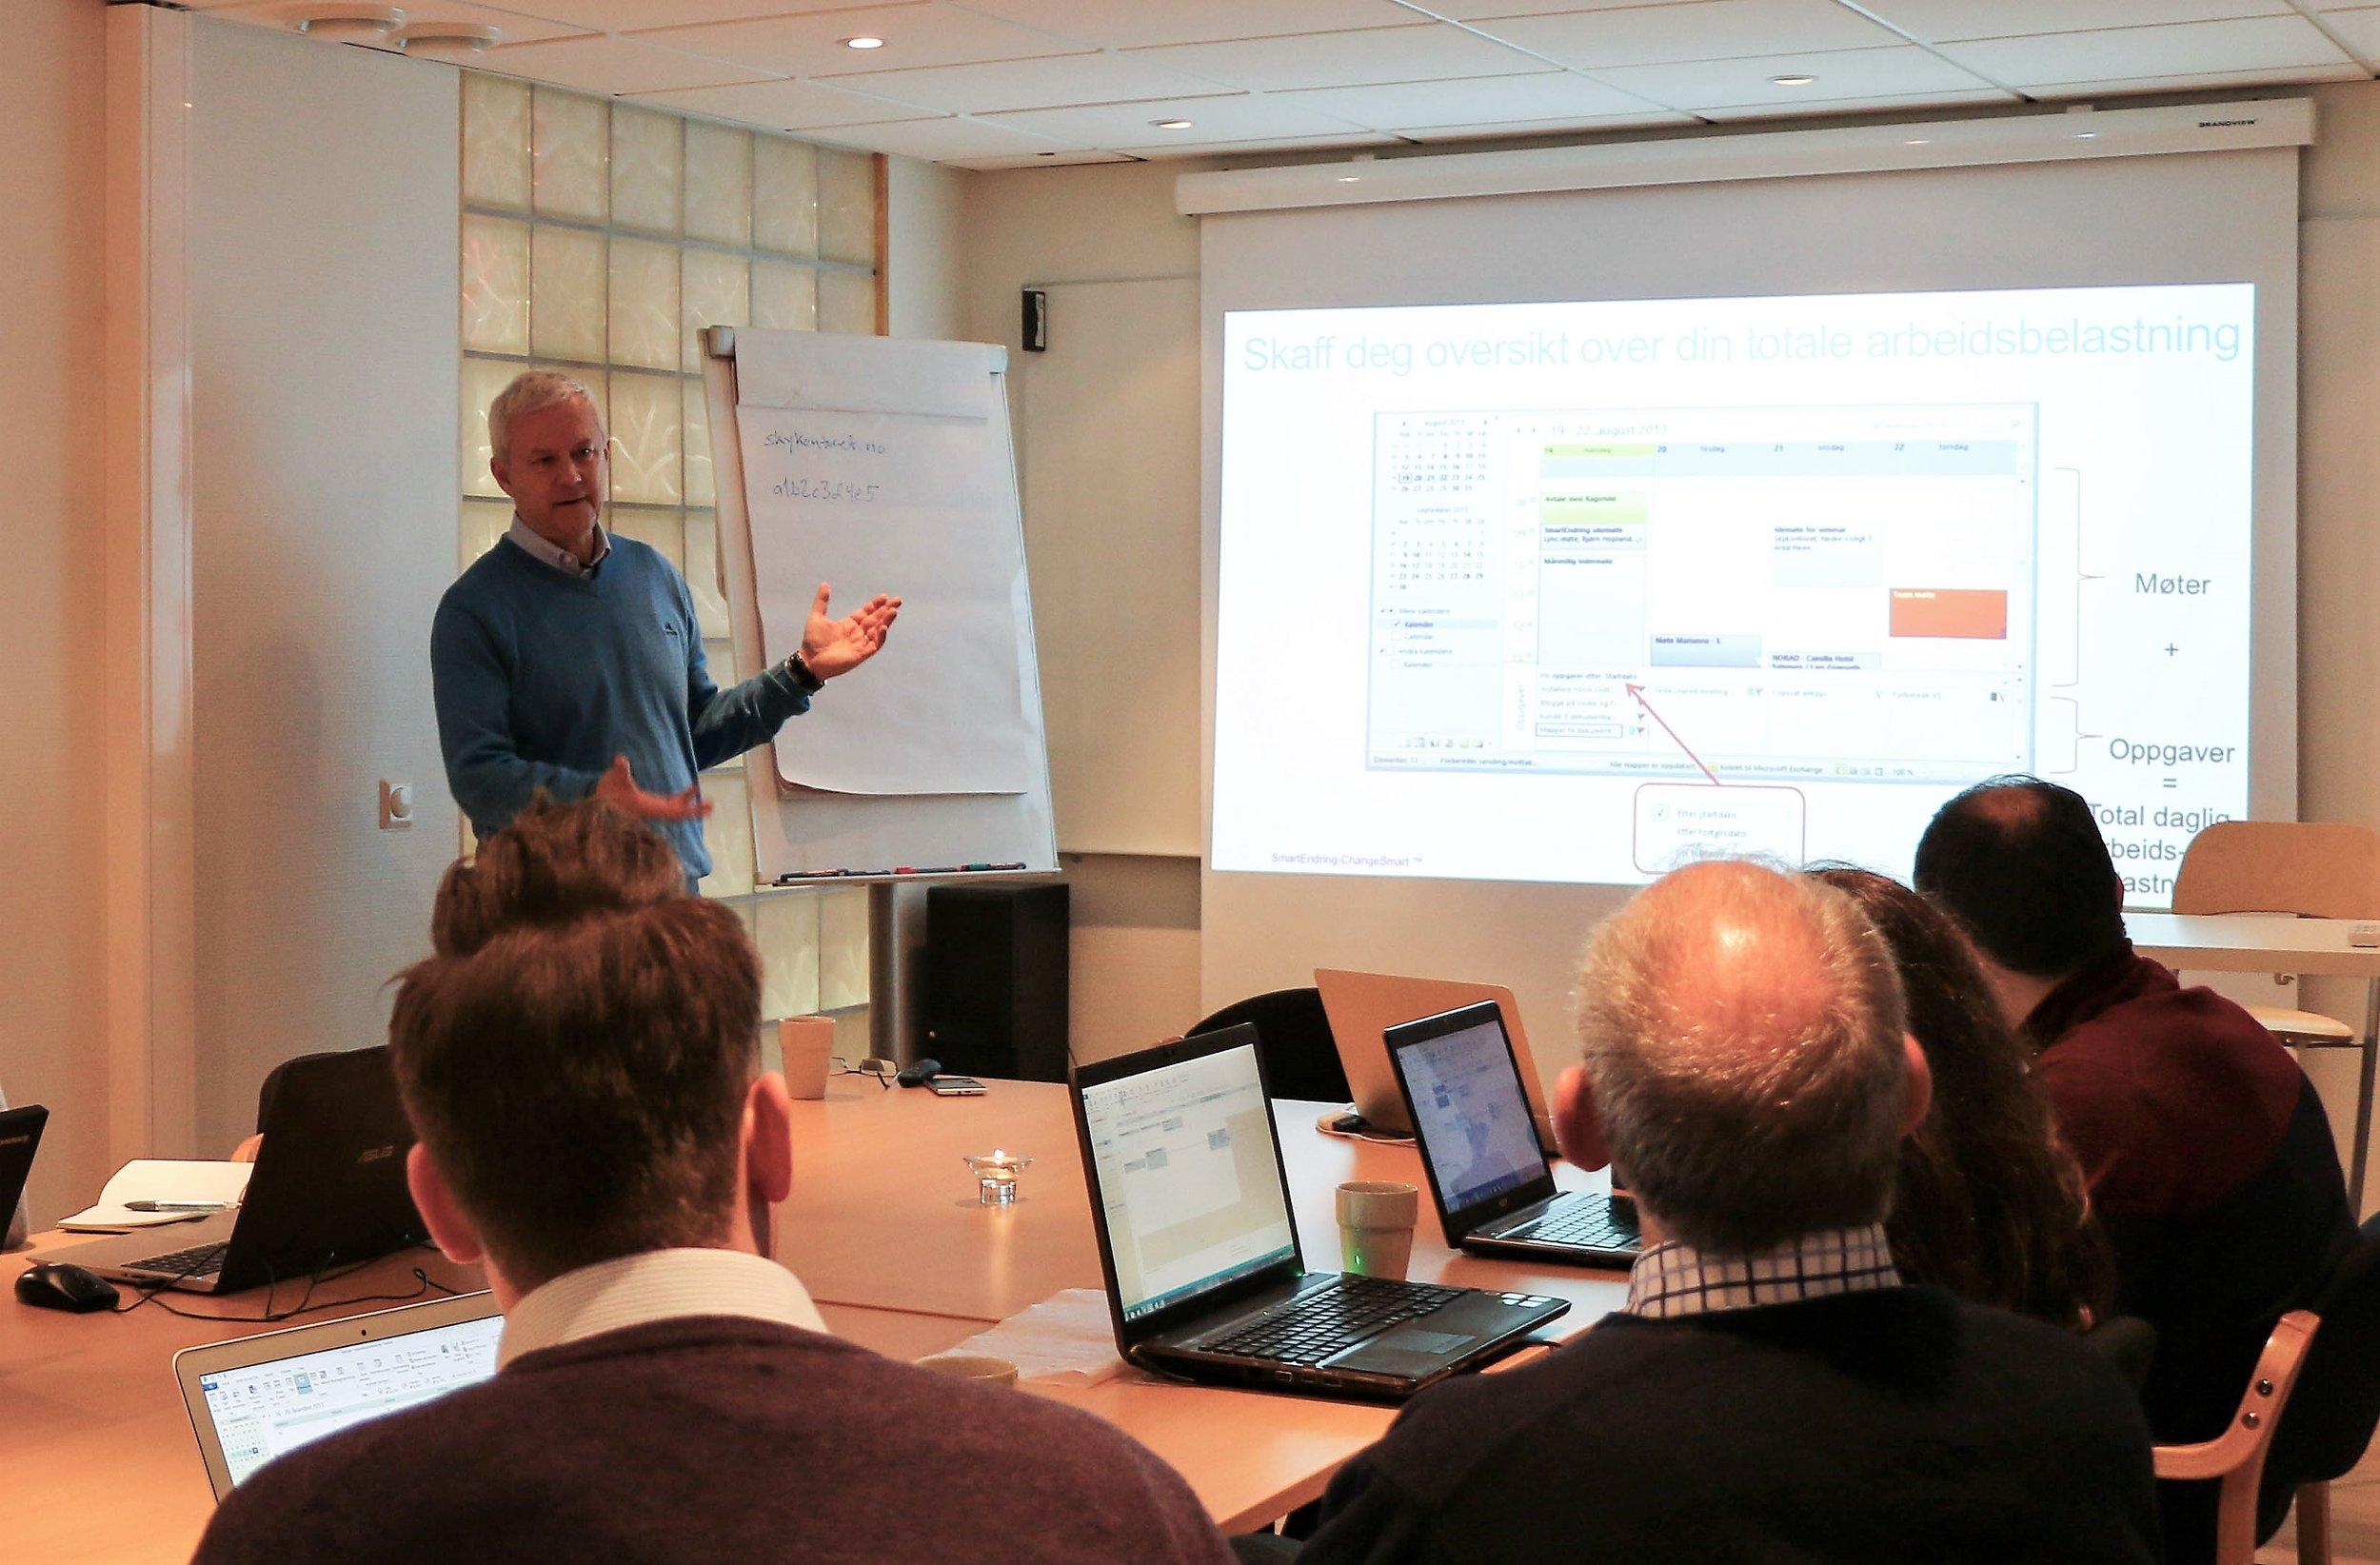 Bilde viser mann som presenterer PowerPoint i møte